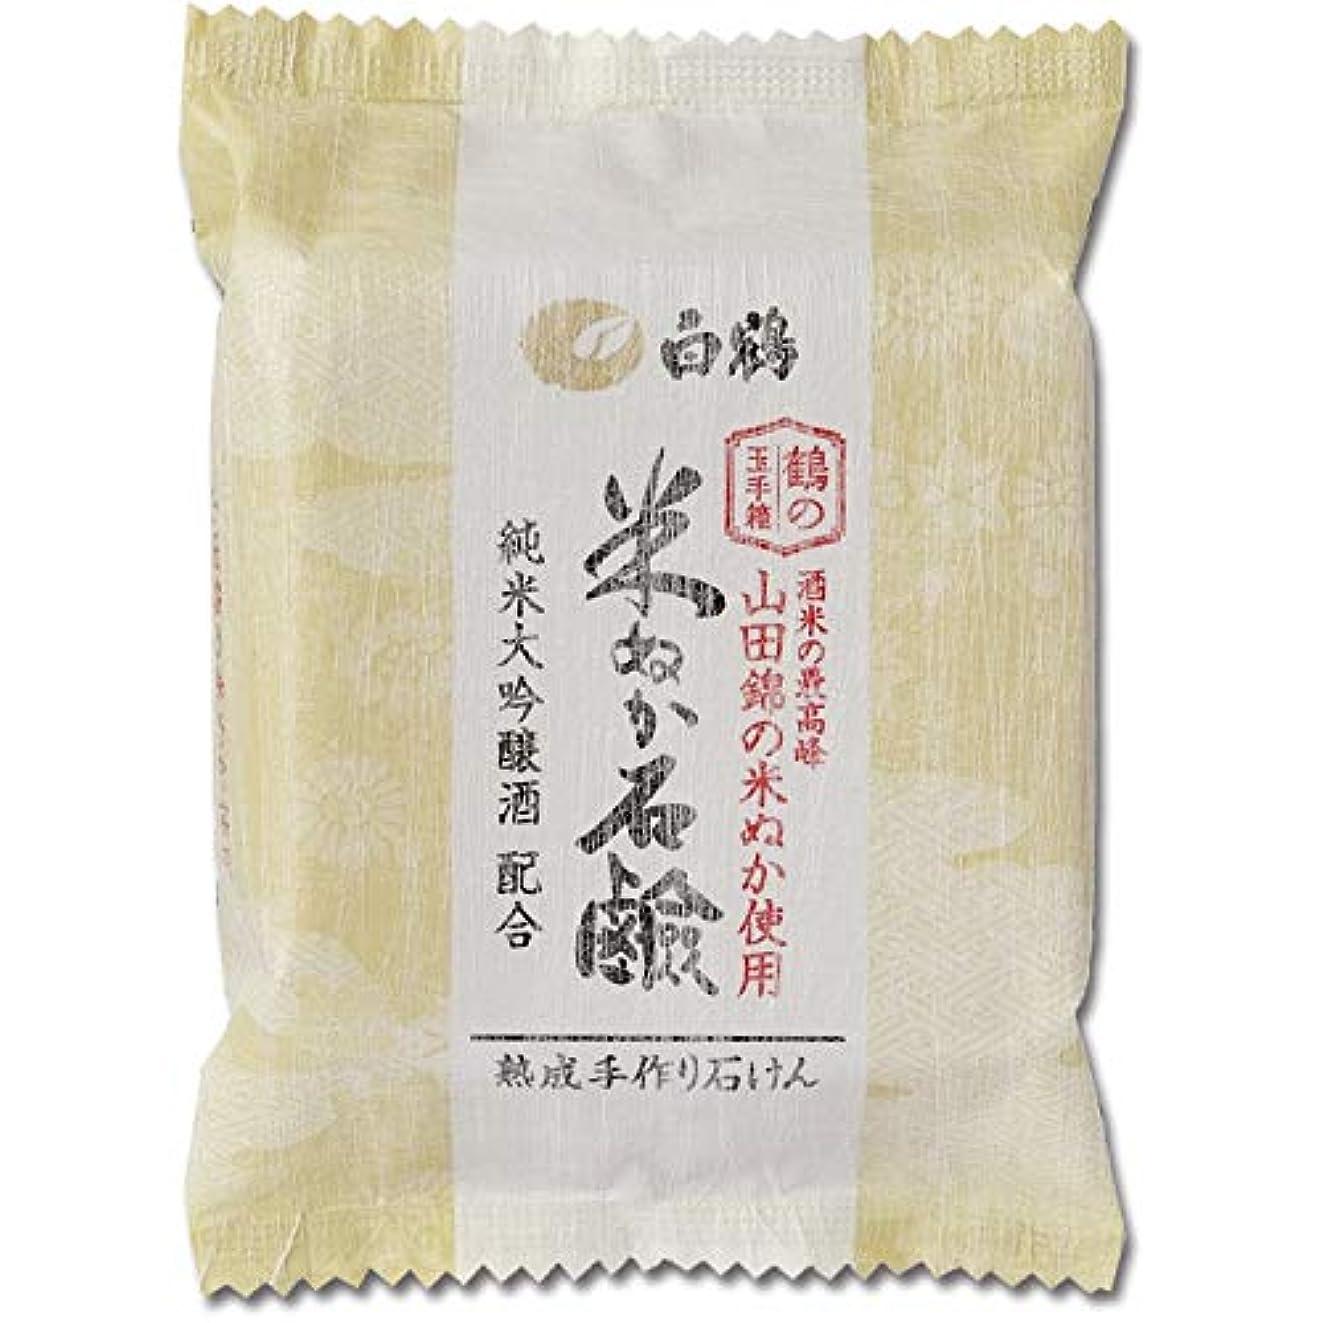 見通しせせらぎ慢白鶴 鶴の玉手箱 米ぬか石けん 100g (全身用石鹸)